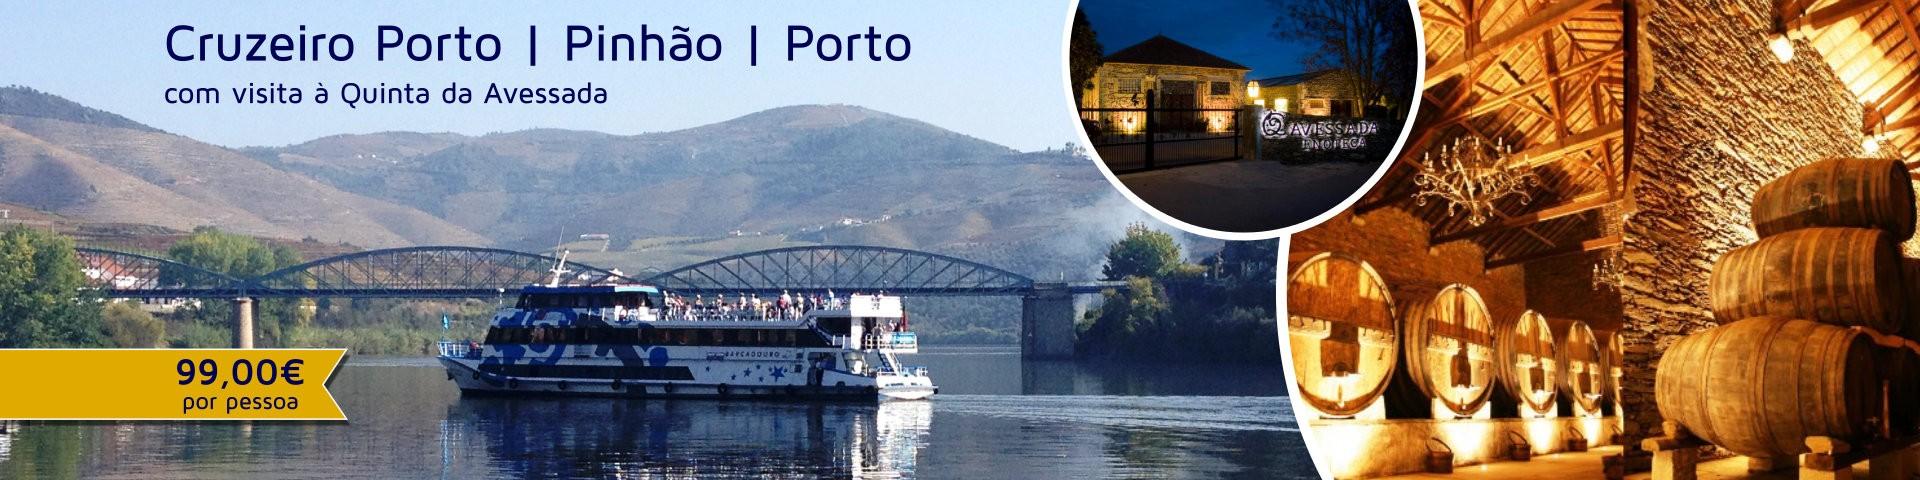 Cruzeiro Porto Pinhão Porto